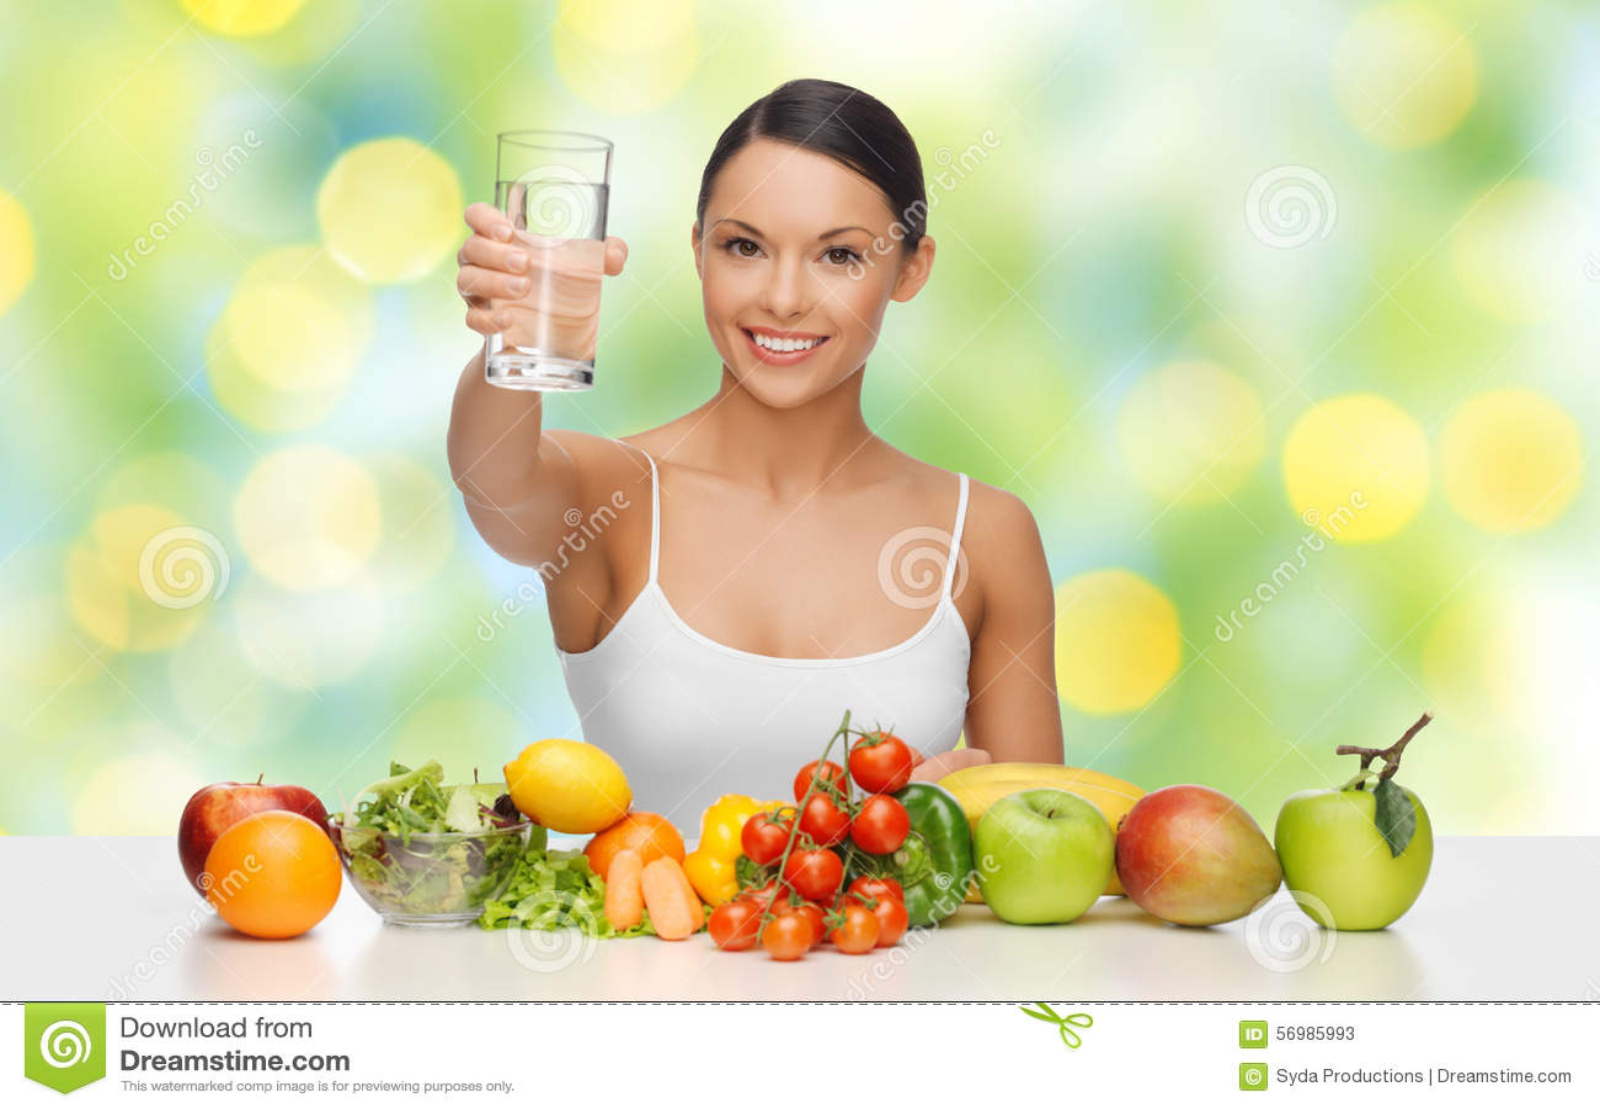 Mujer feliz con la comida sana que muestra el vidrio de agua